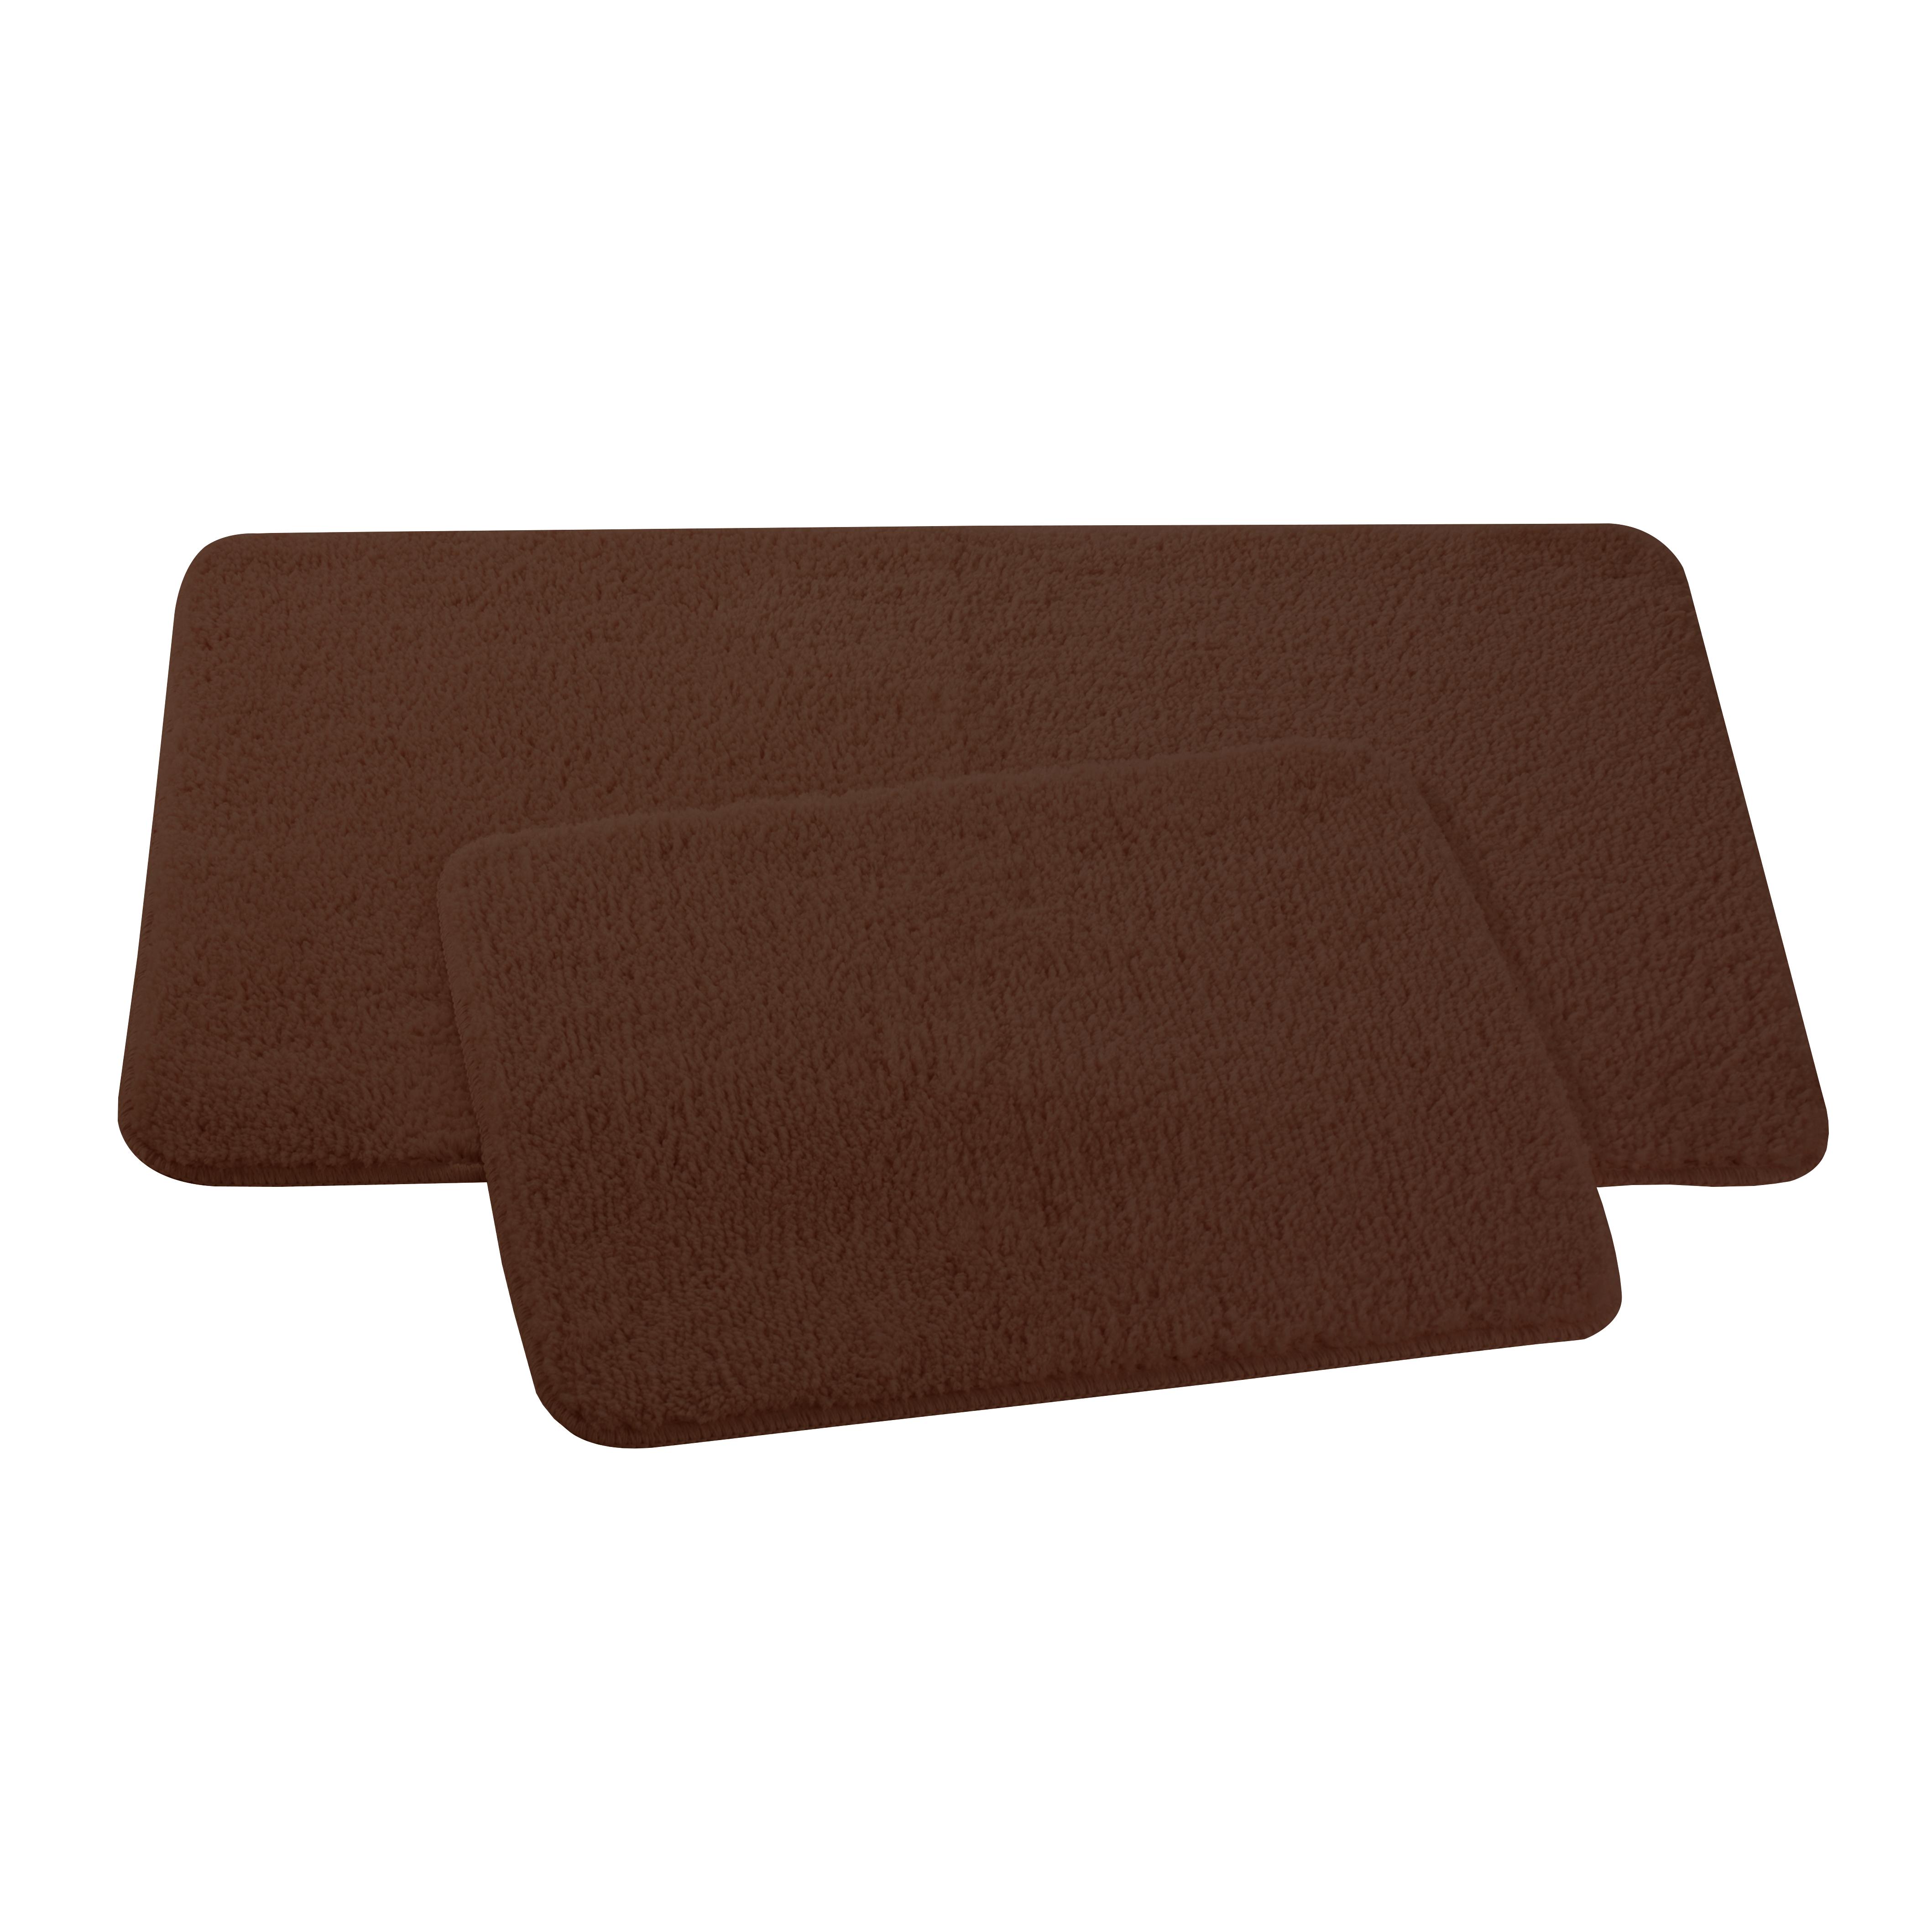 Набор ковриков для ванной и туалета Axentia, цвет: коричневый, 2 шт набор ковриков для ванной и туалета axentia цвет коричневый 2 шт